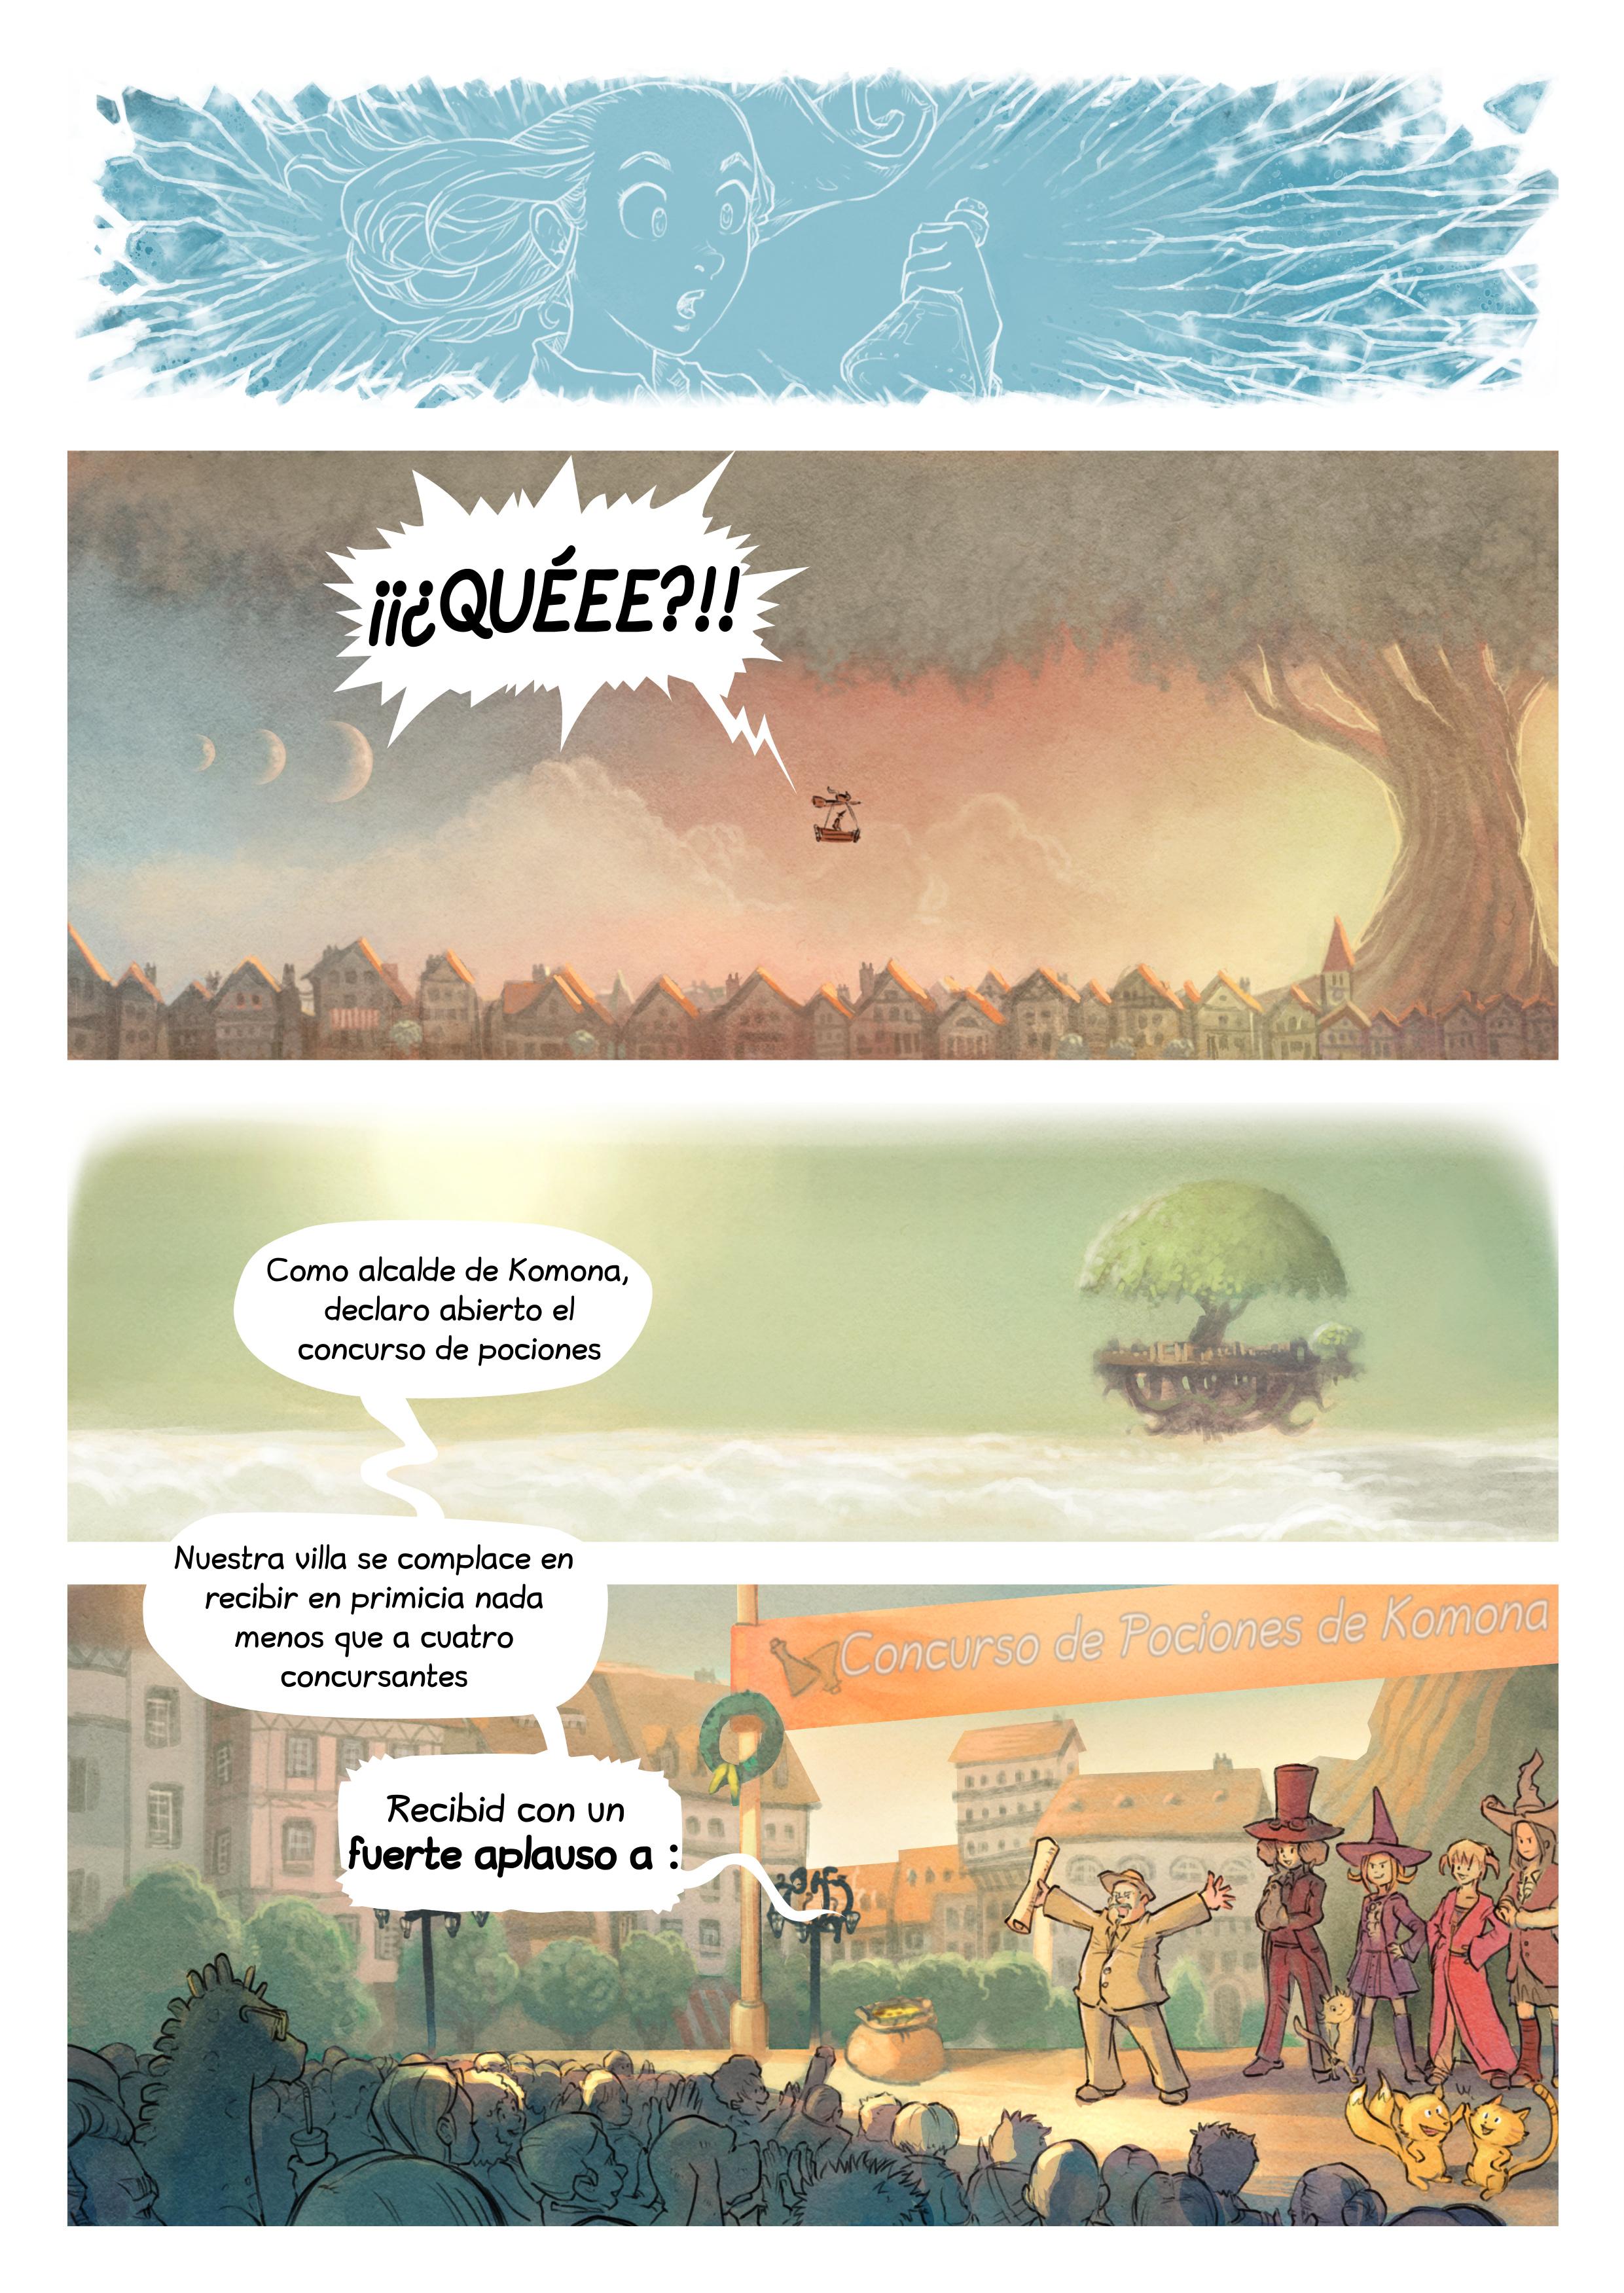 Episodio 6: El concurso de pociones, Page 3